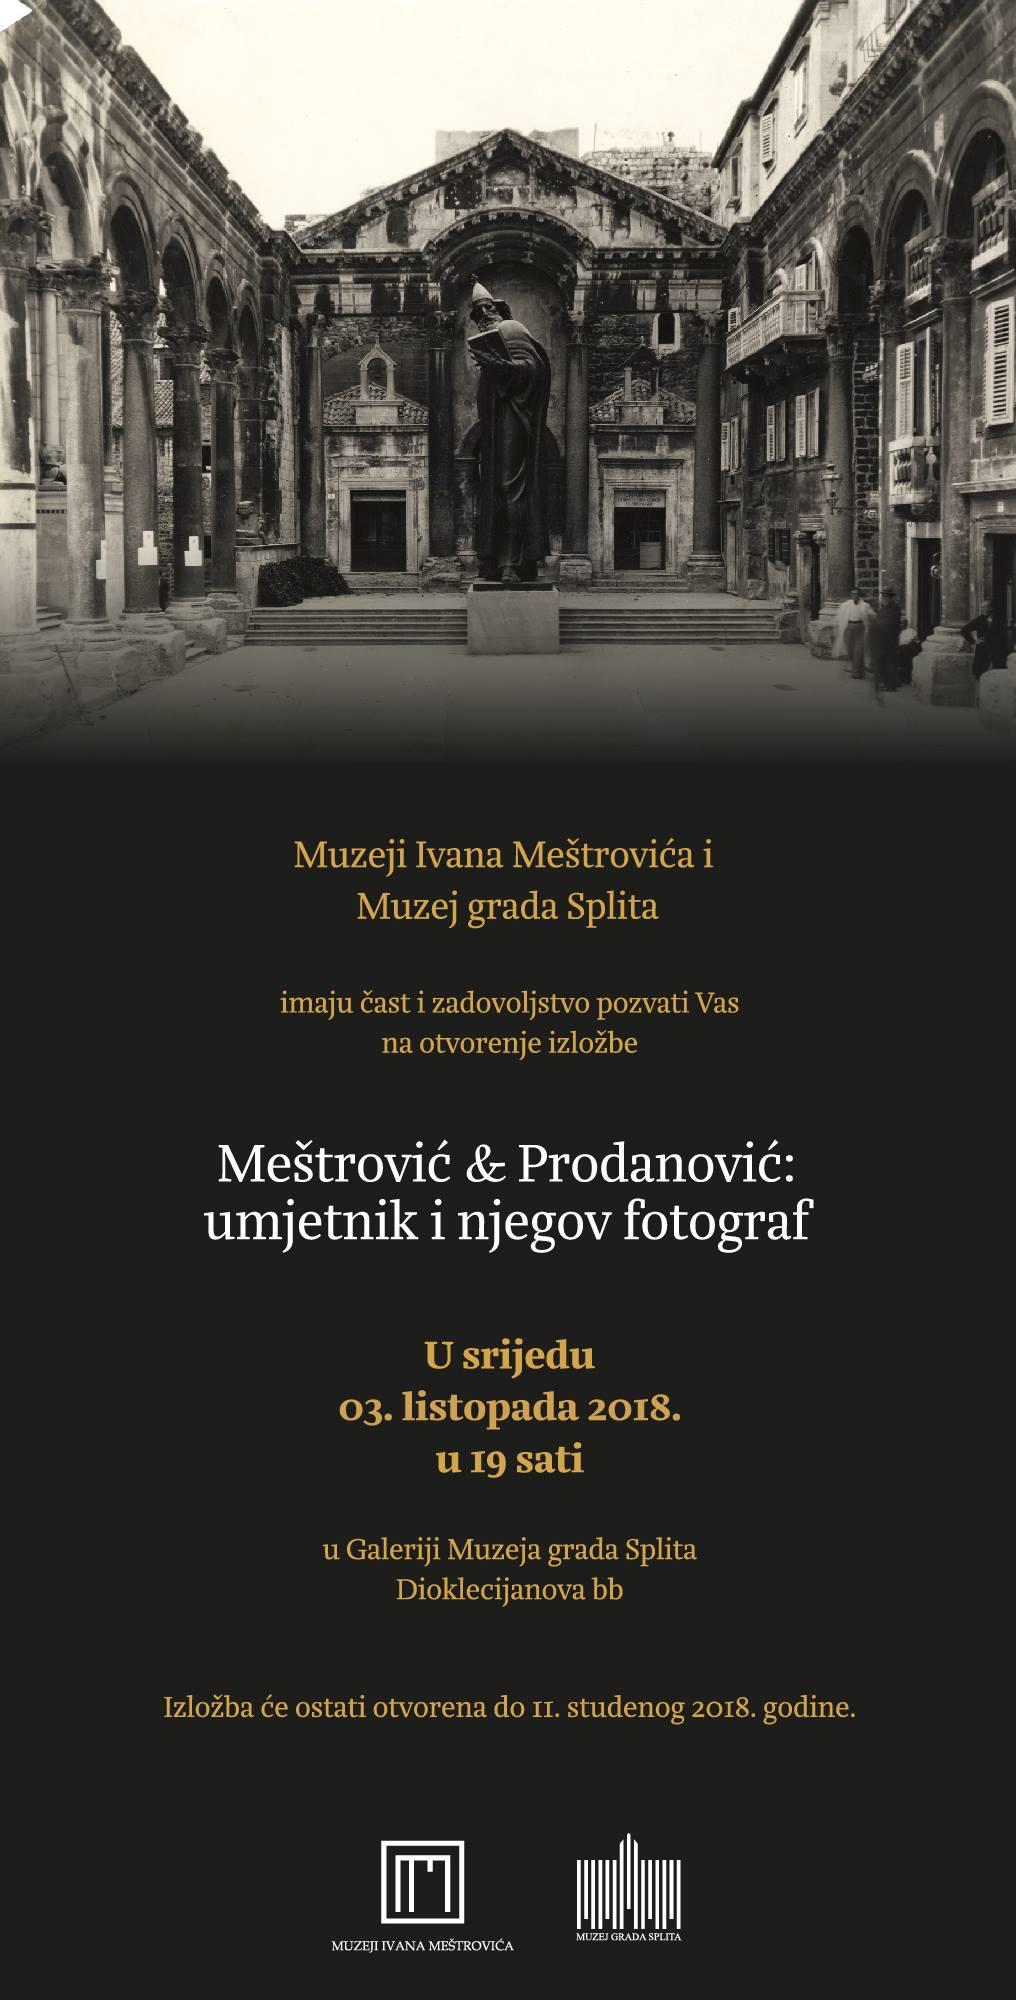 Muzej Ivana Mestrovica